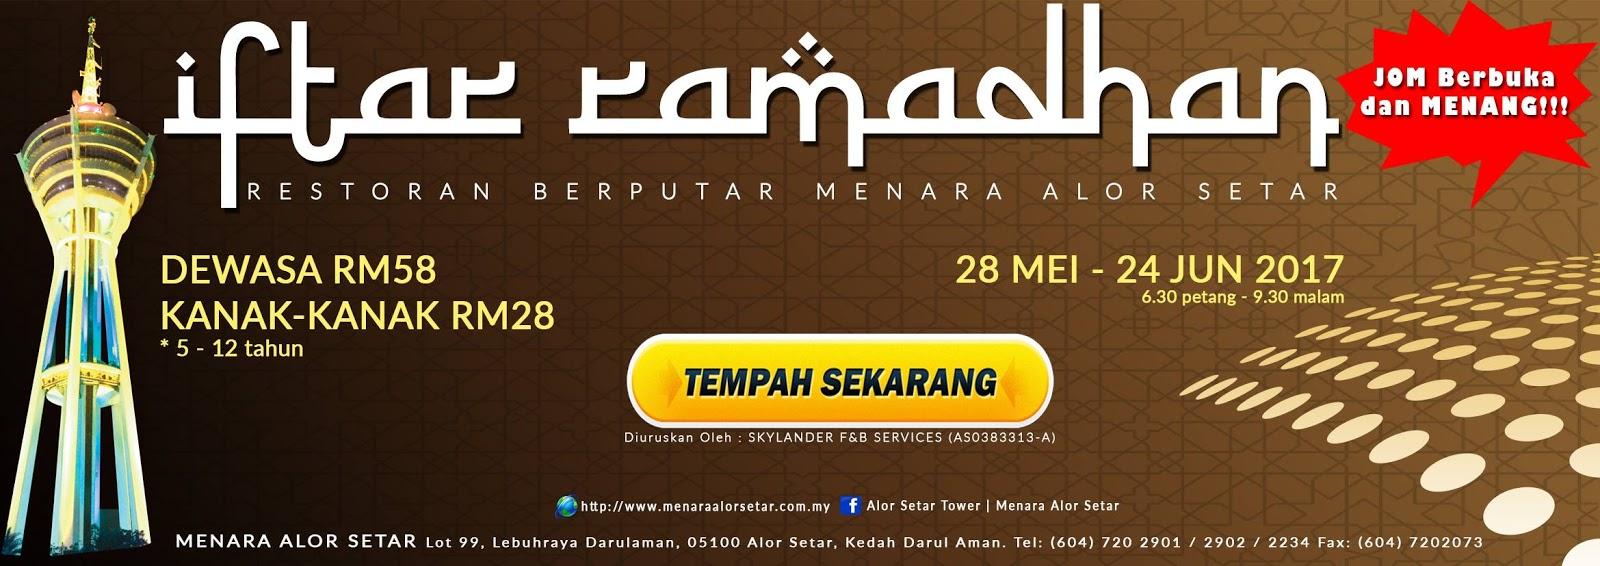 Buffet Ramadhan menara alor setar kedah